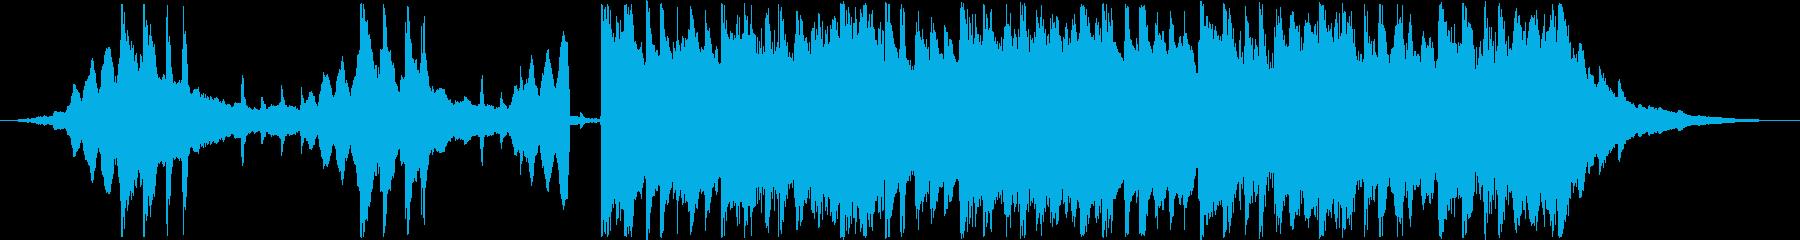 30秒CM用、未来的、スタイリッシュの再生済みの波形